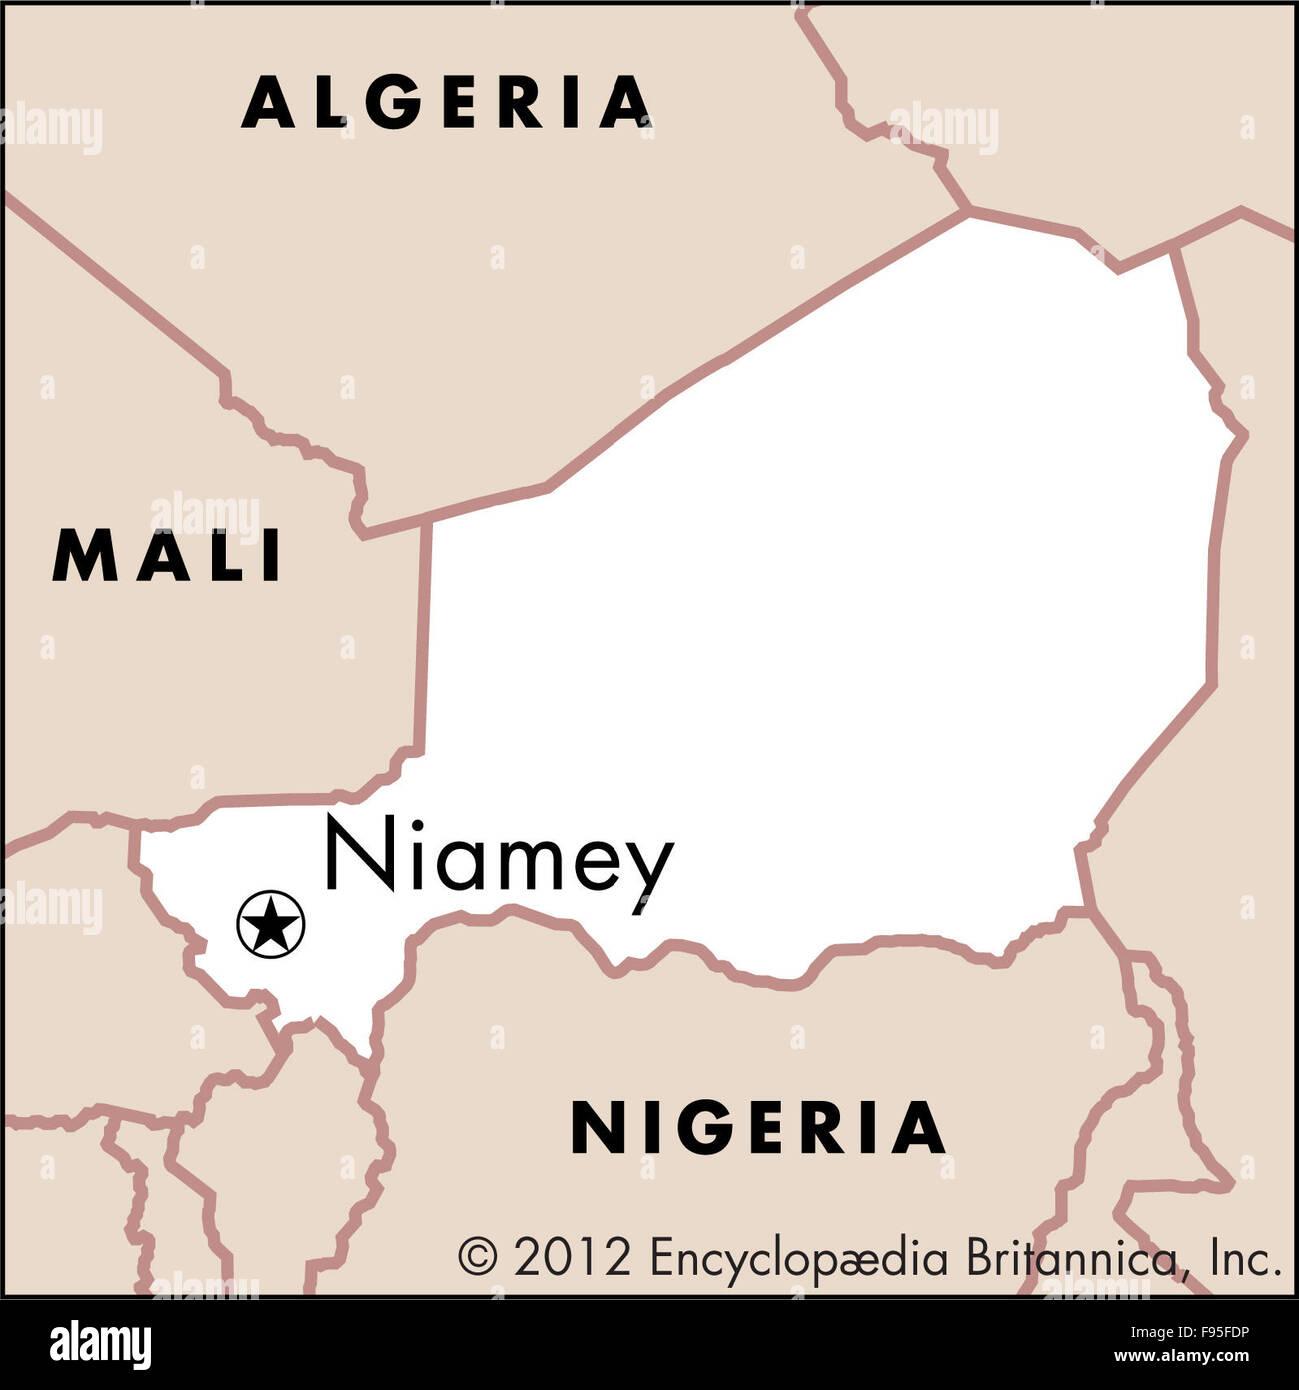 Niamey, Niger Stock Photo: 91705650 - Alamy